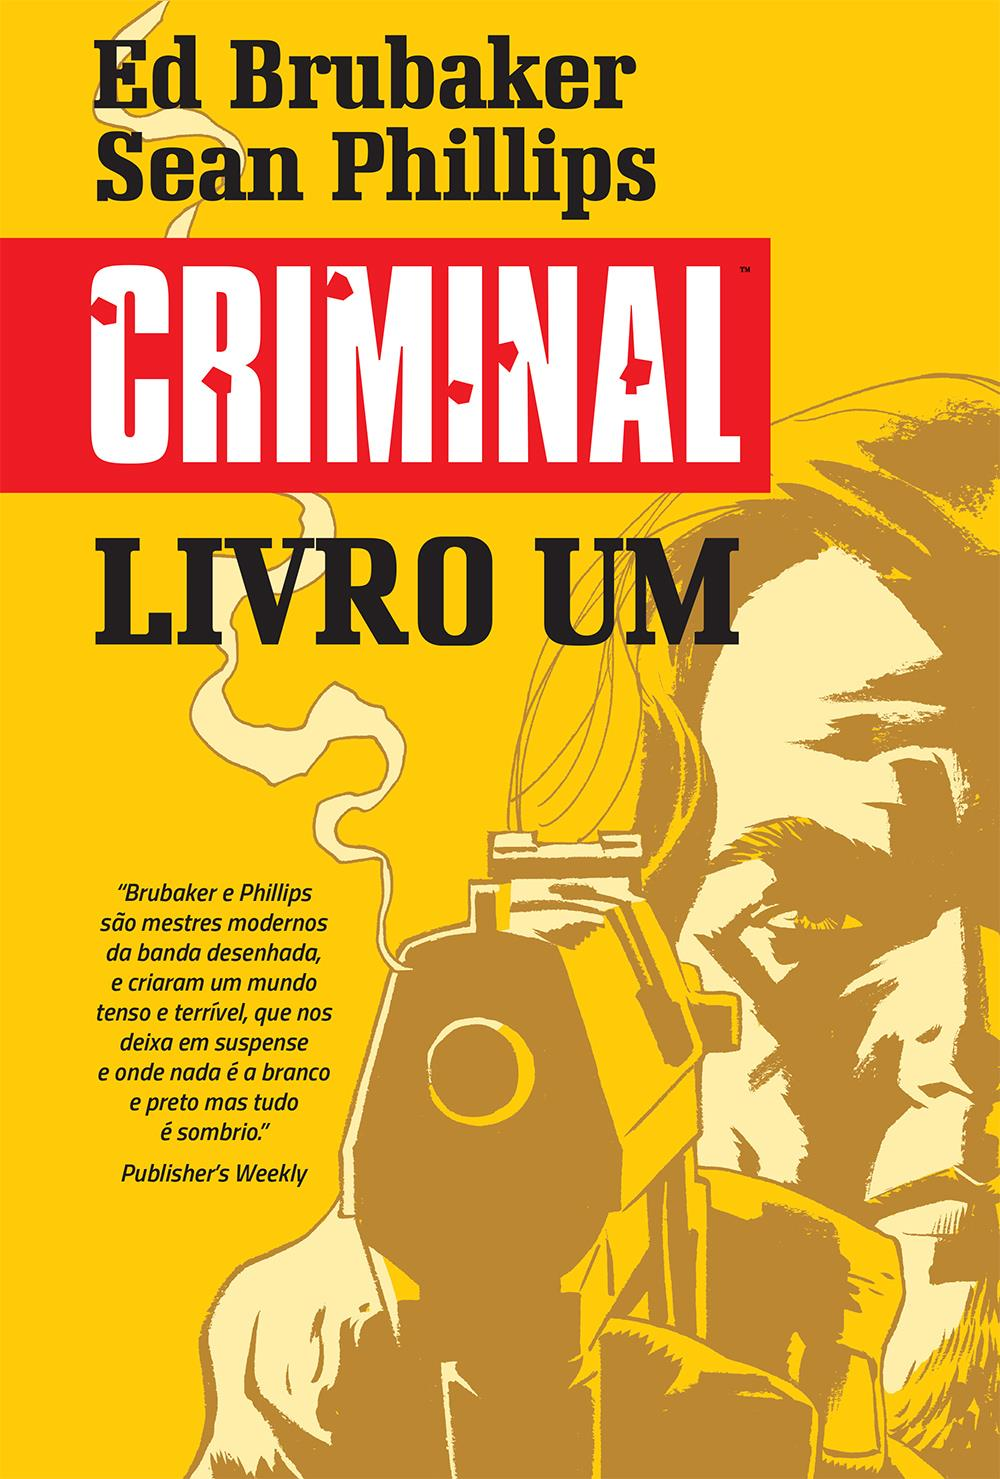 CRIMINAL LIVRO UM: Cobarde